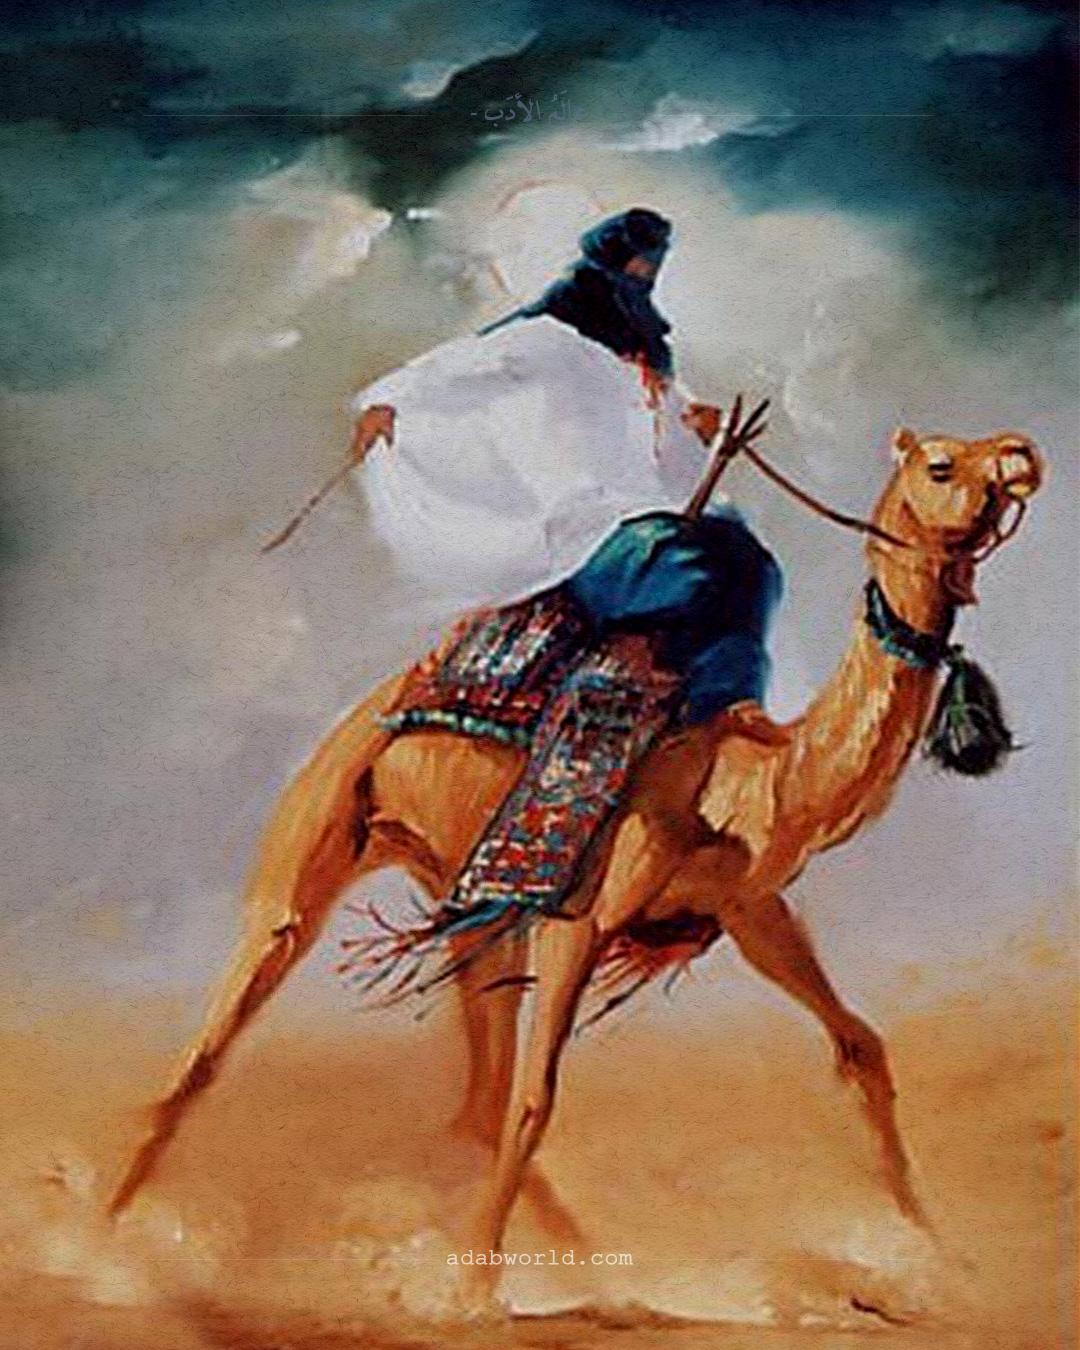 شياطين الشعراء - لافظ و هبيد و هاذر